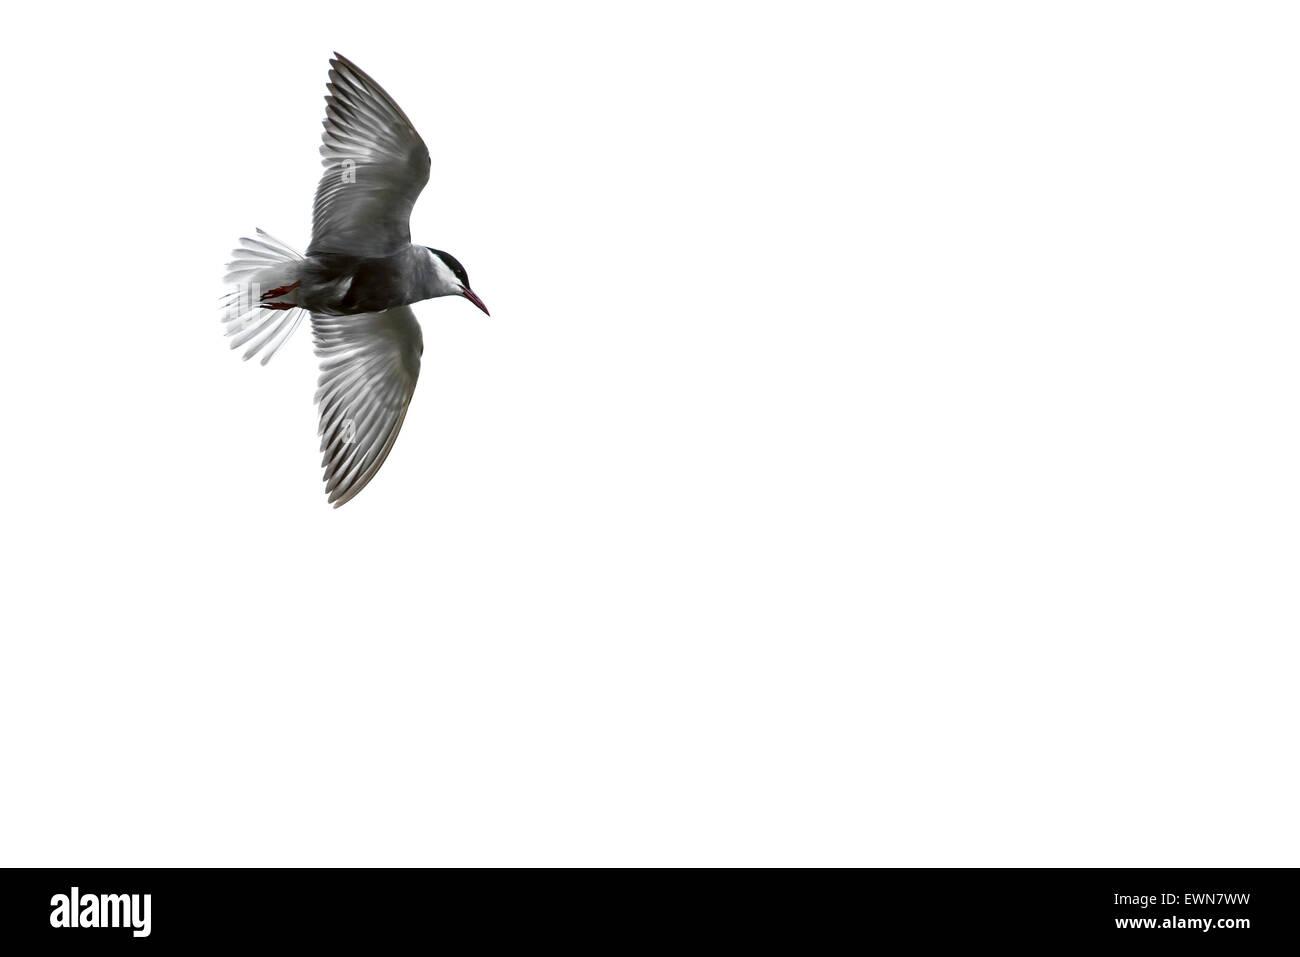 Whiskered tern (Chlidonias hybrida / Chlidonias hybridus) in flight against white background - Stock Image